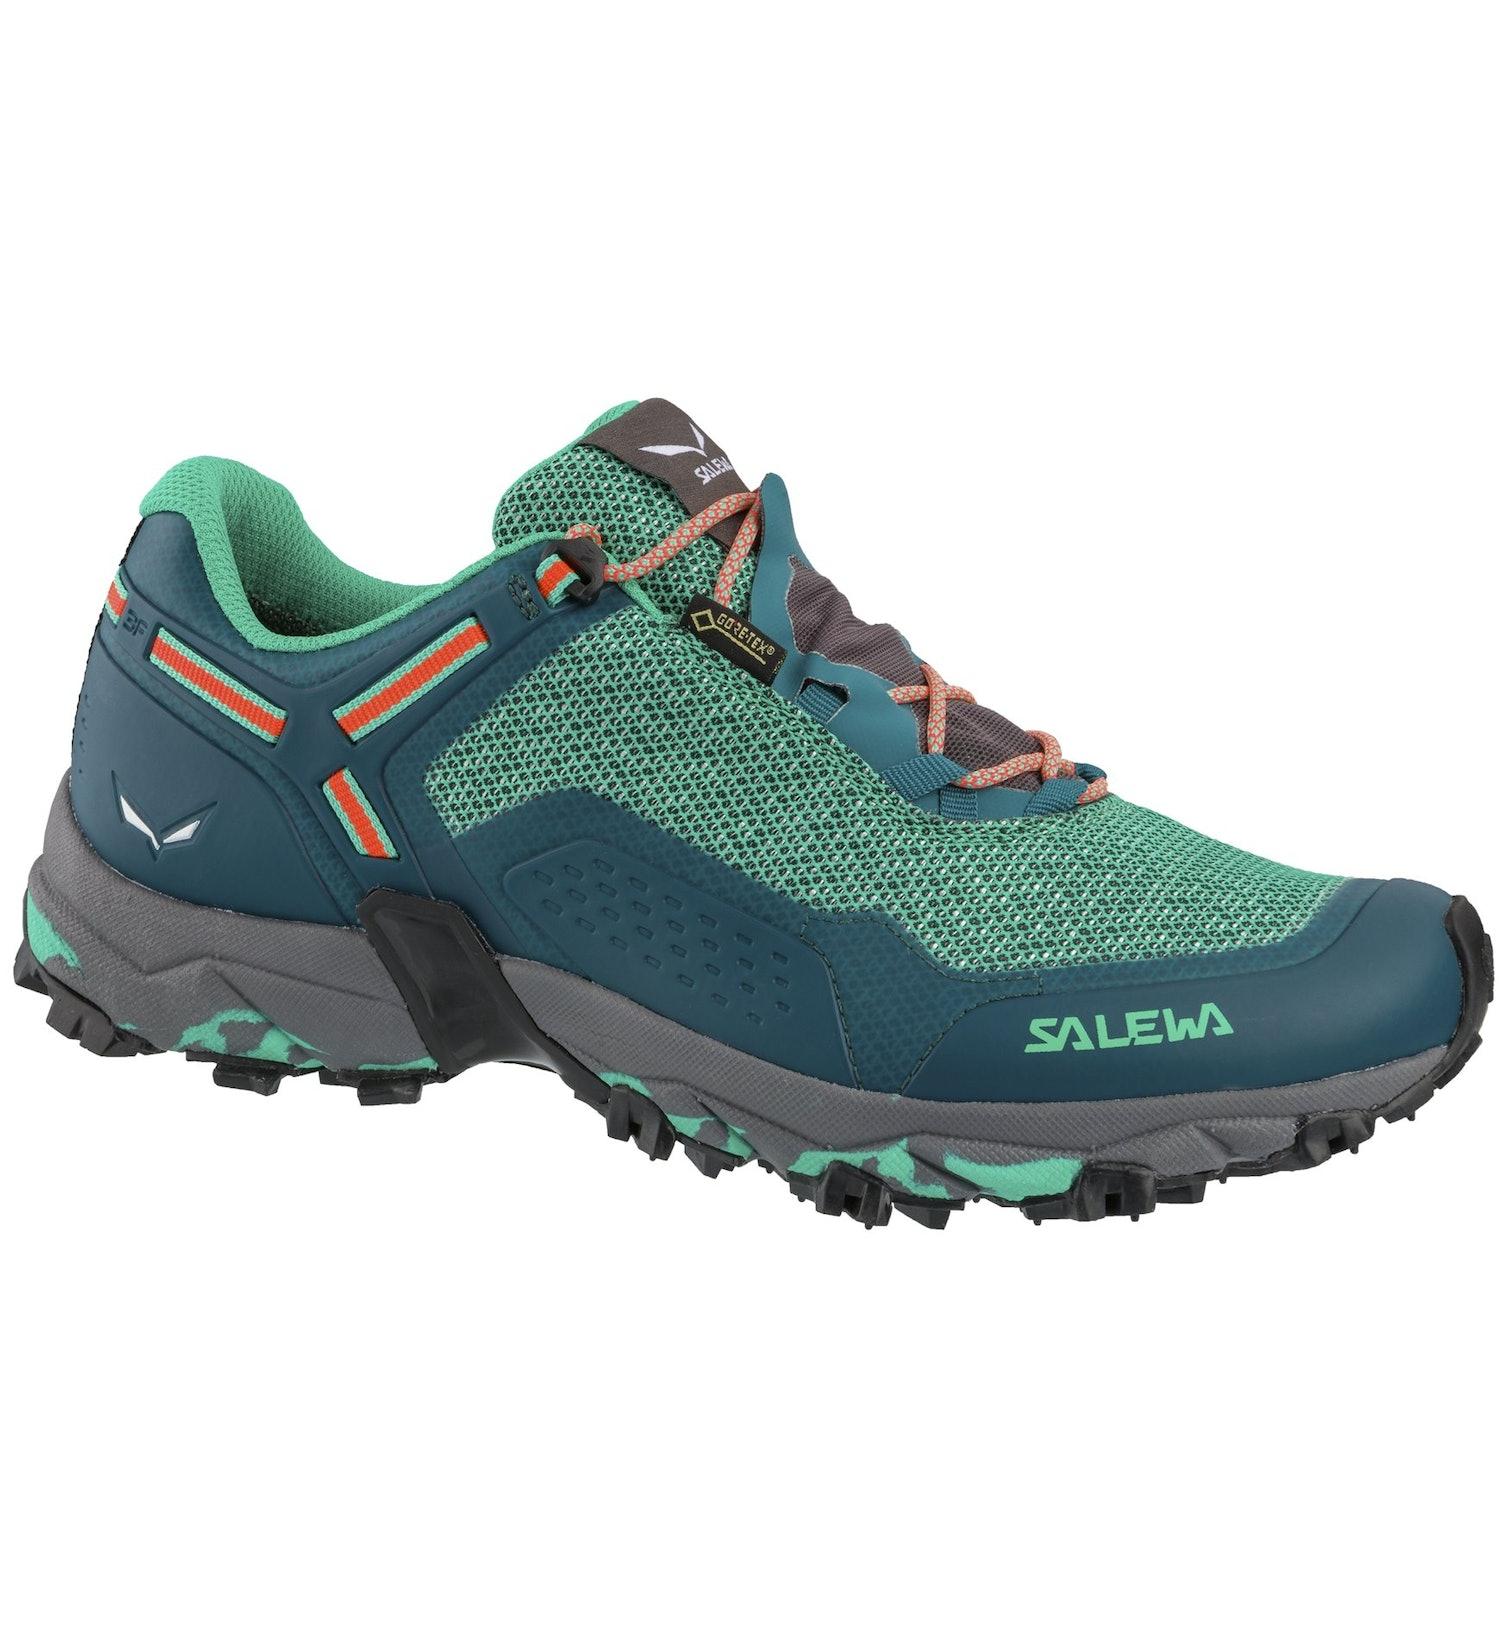 Salewa Speed Beat GORE-TEX - Trailrunning- und Speed Hikingschuh - Damen